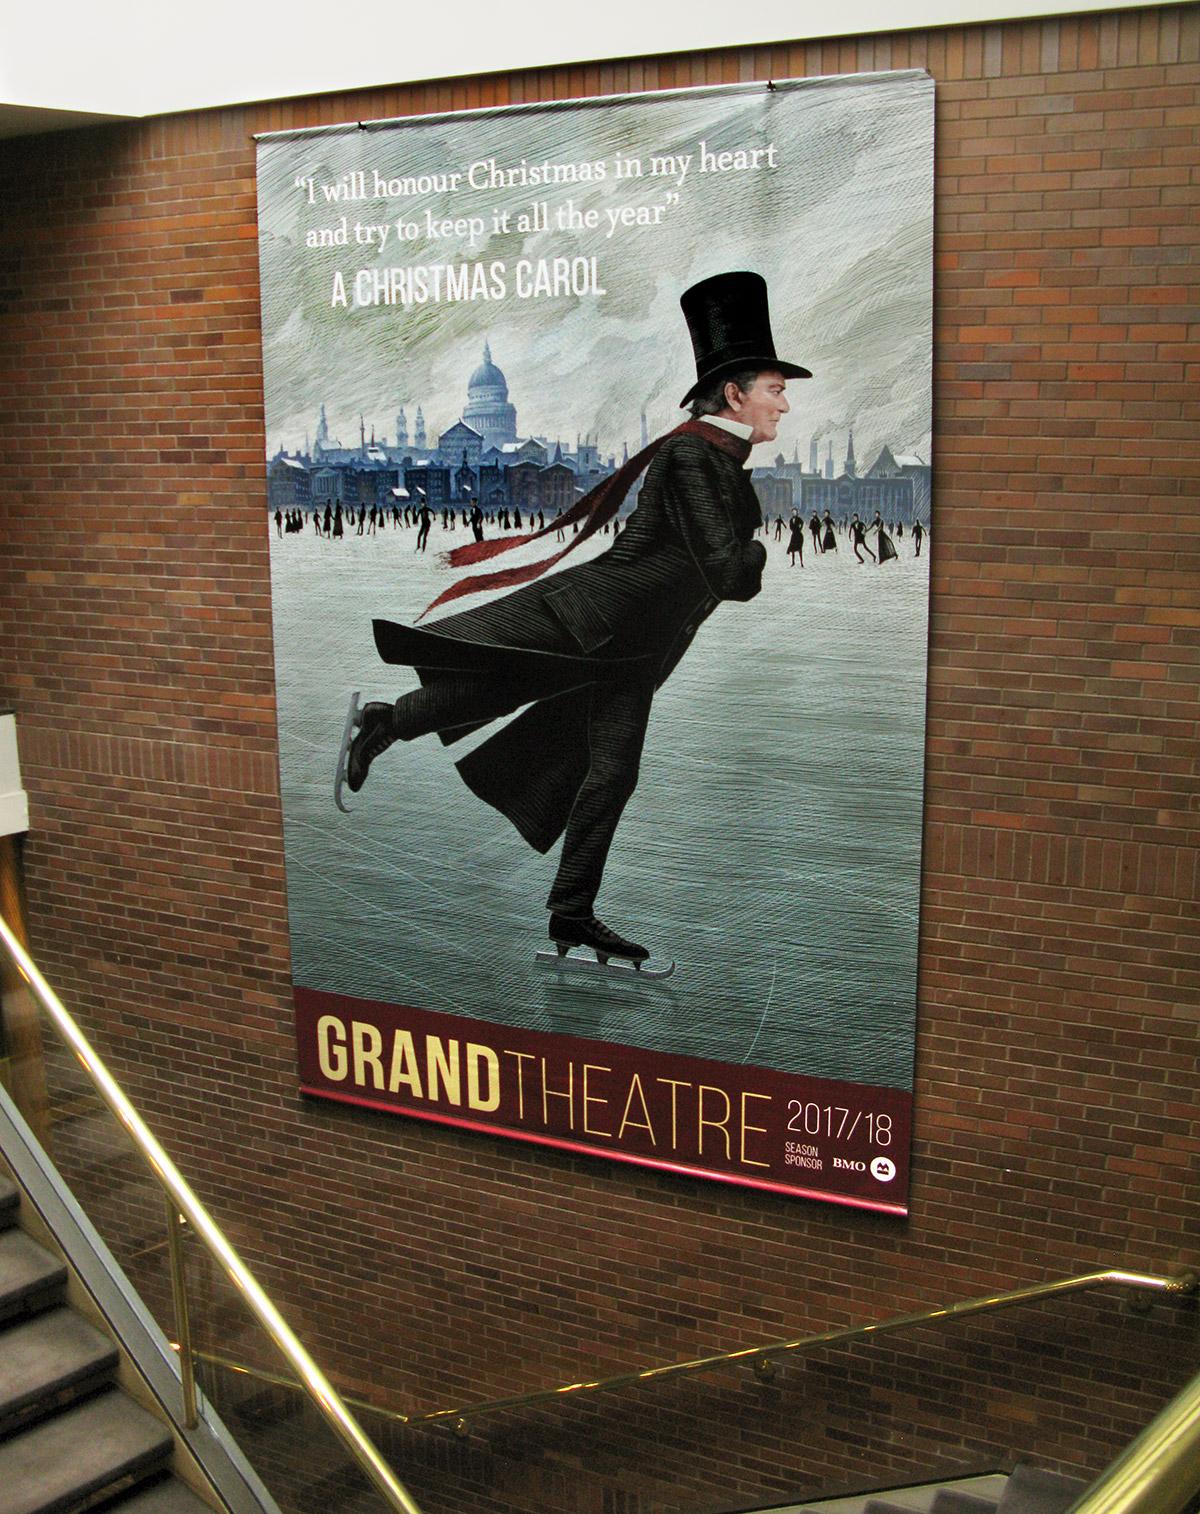 Theatre-CAROL-stairwell-banner